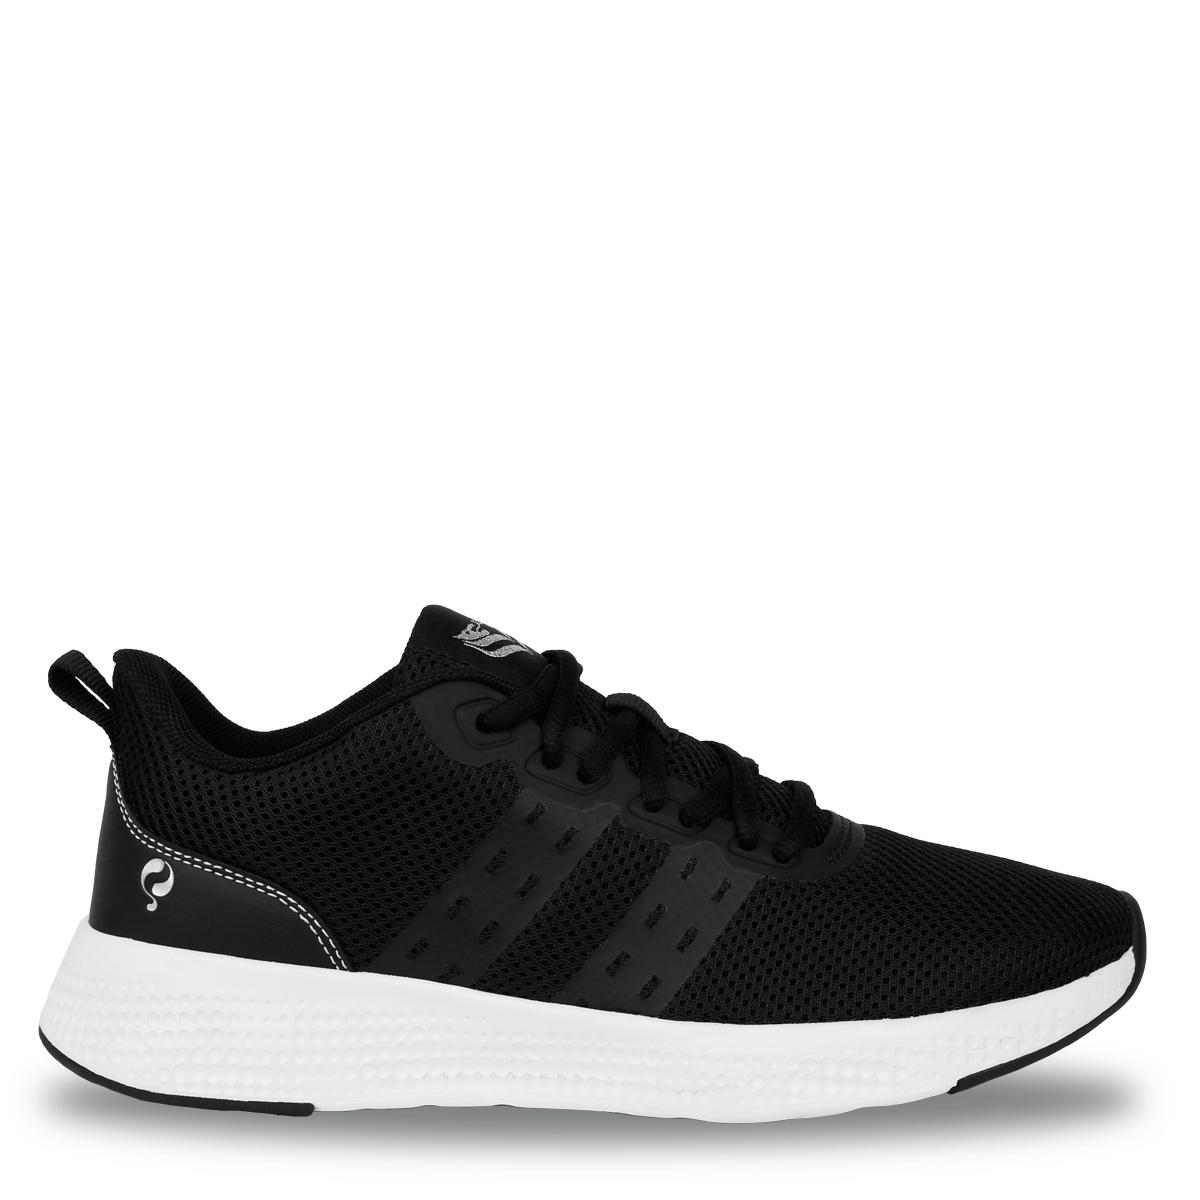 Dames Sneaker Oostduin - Zwart/Wit